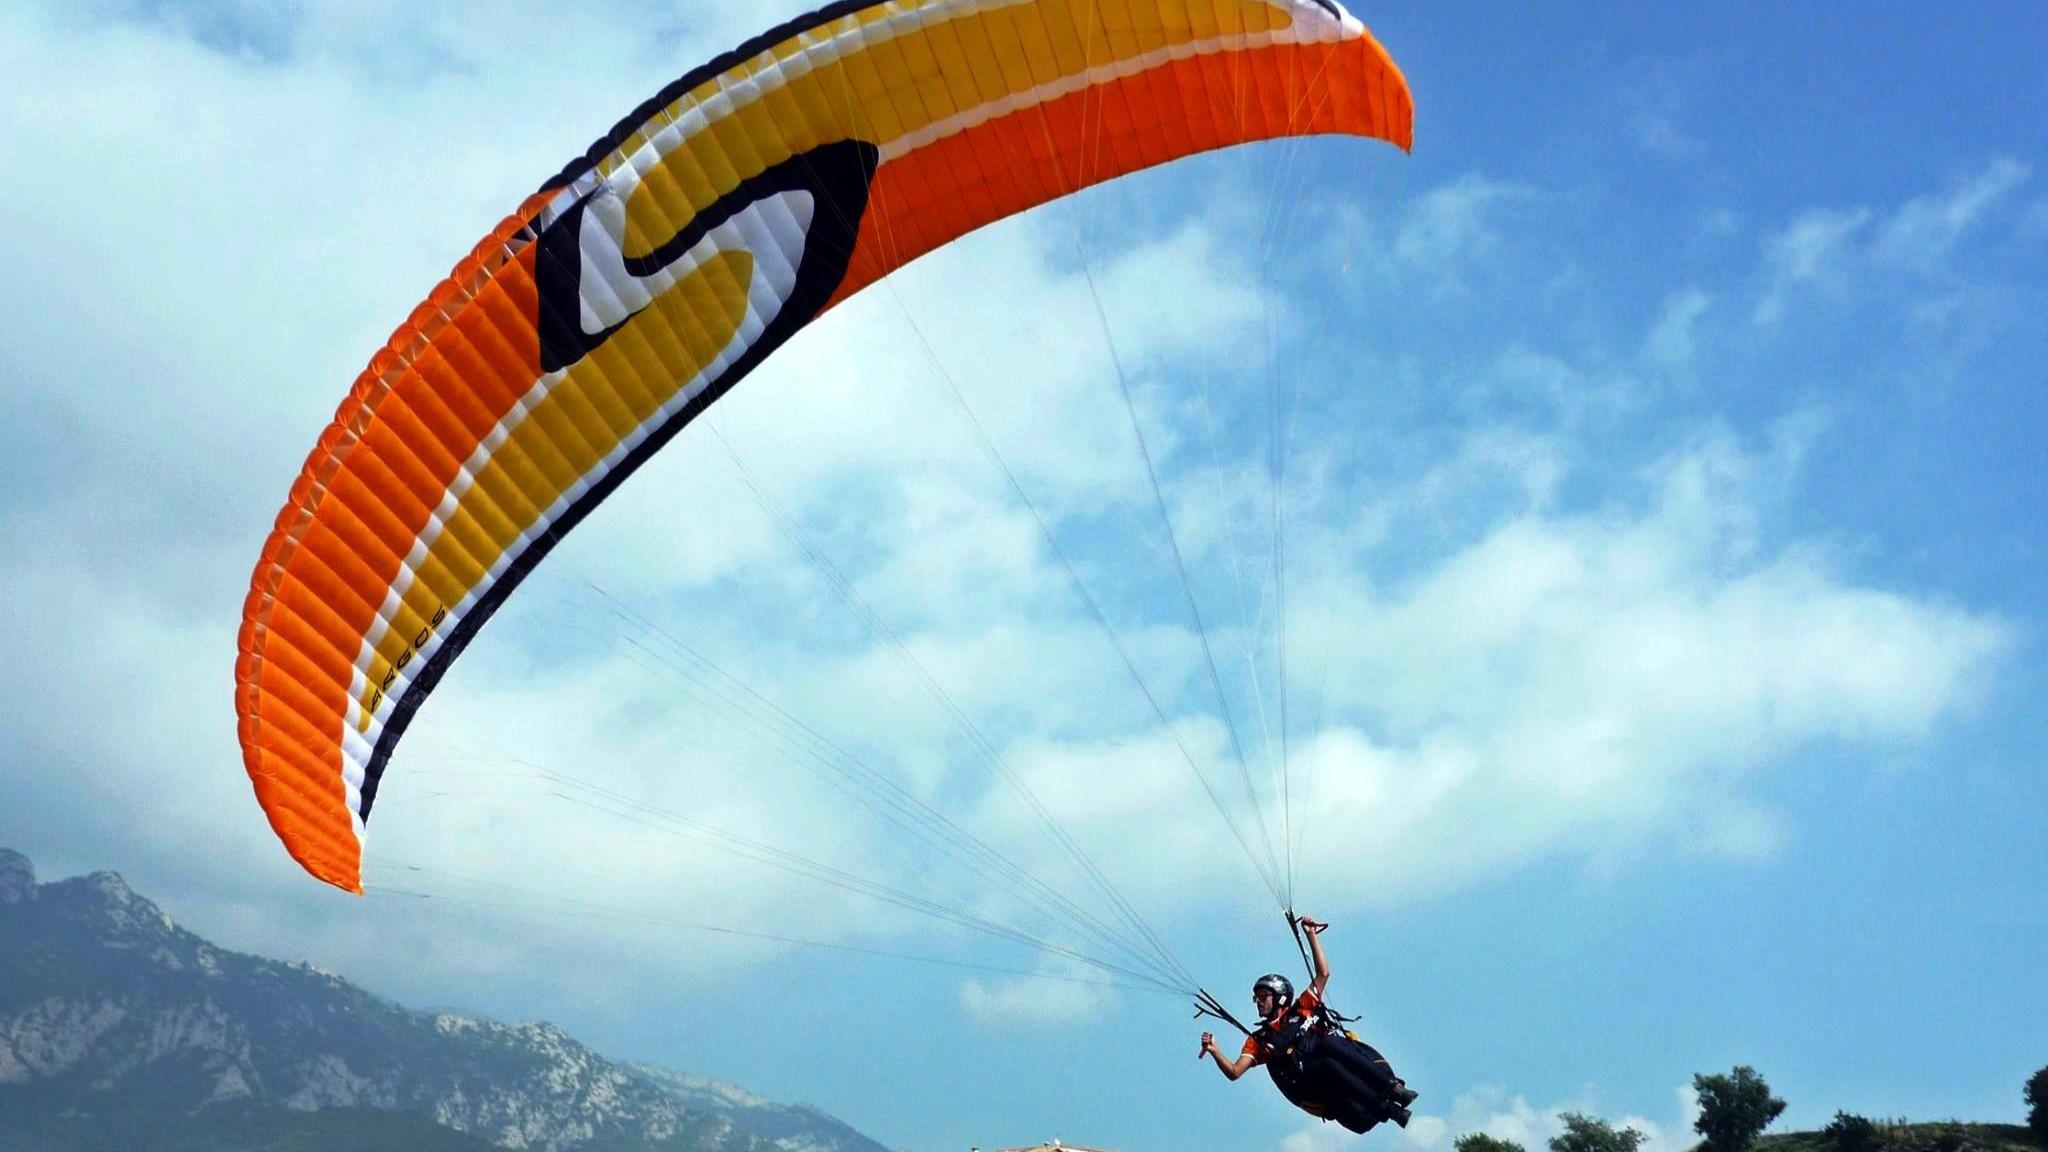 杭州永安山滑翔伞露营基地